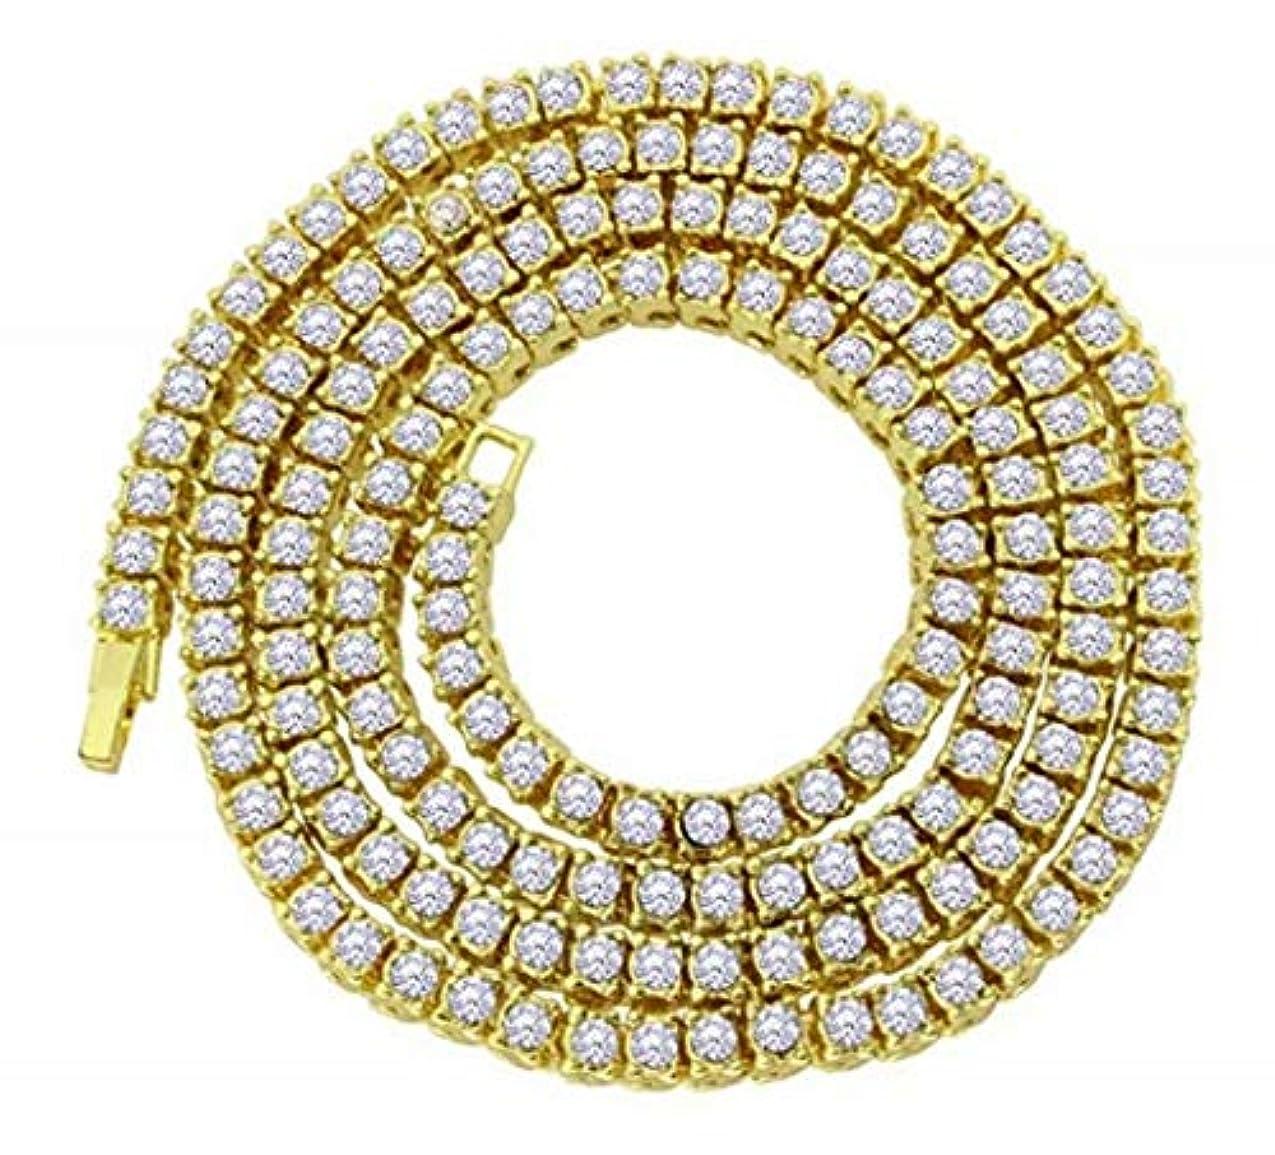 リングバーうがい七里の香 18 Kゴールドメッキ1行 ダイヤモンド アイスアウト チェーンマクロ CZヒップホップテニスネックレス ゴールド